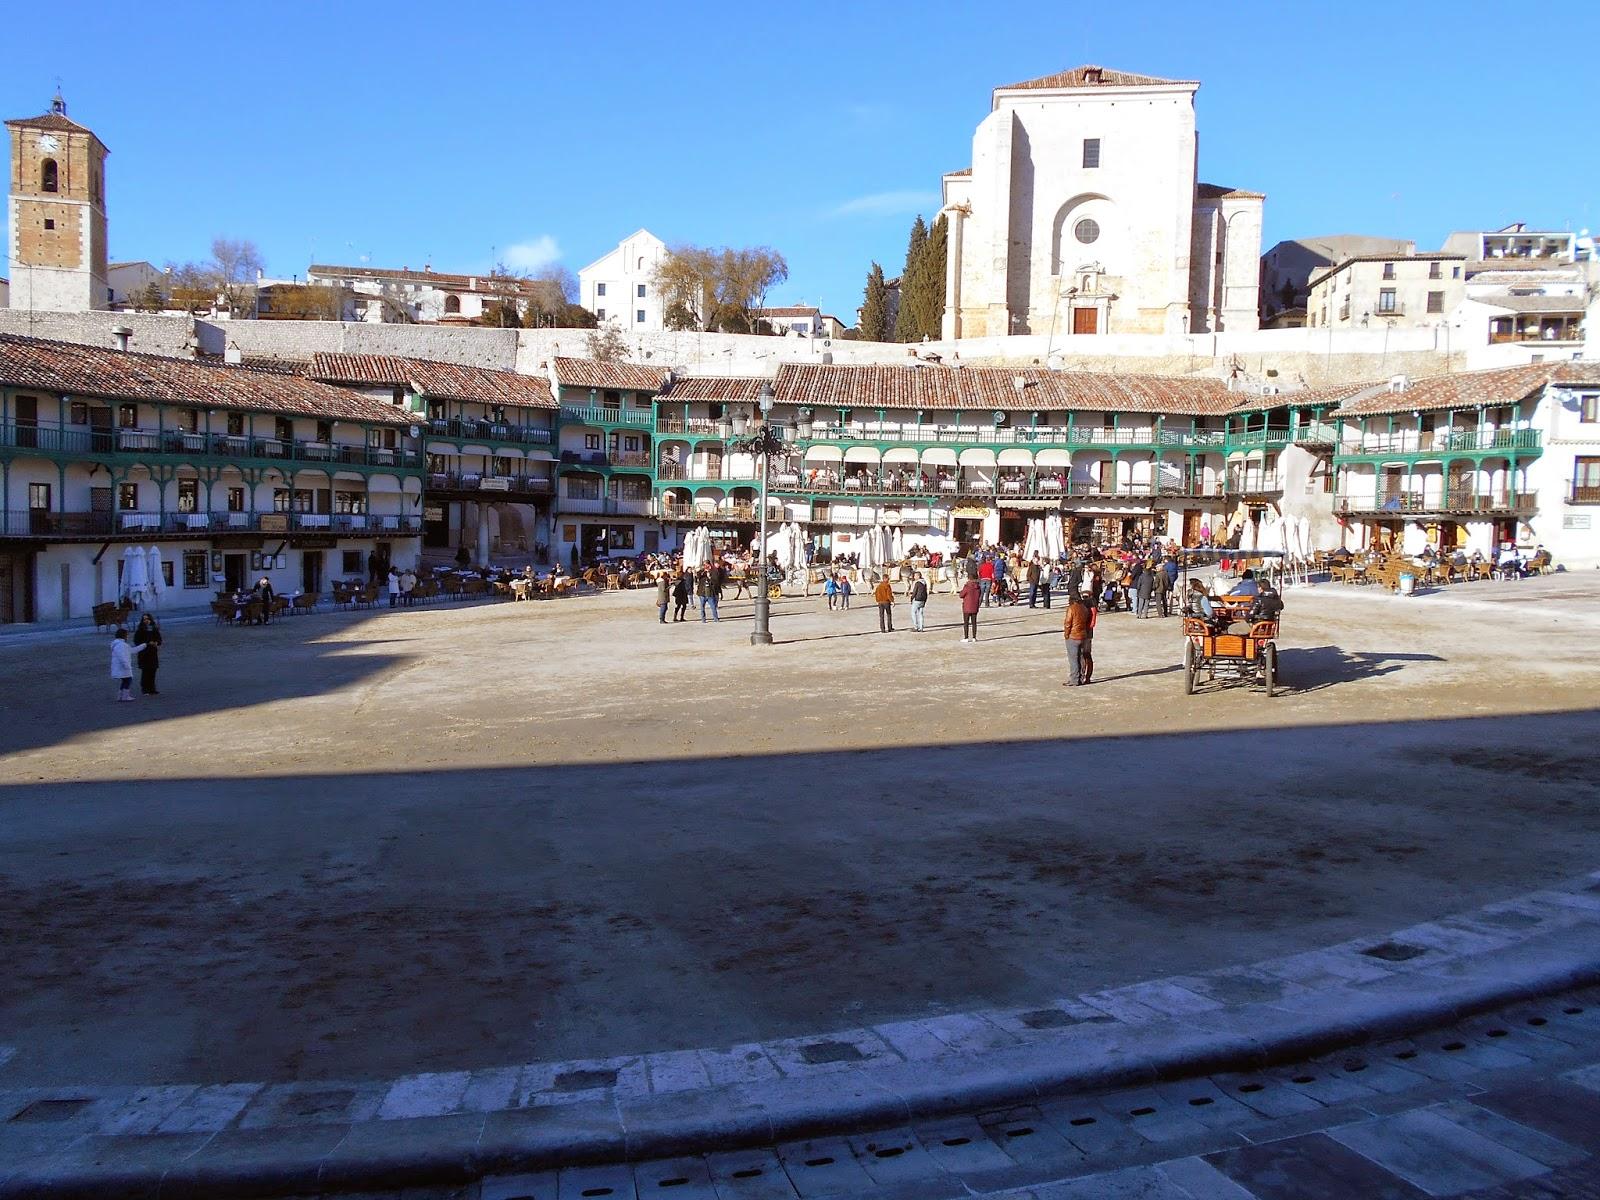 """Plaza Mayor de Chinchón, dónde se rodó la escena de Cantinflas toreando en """"La vuelta al mundo en 80 días""""."""